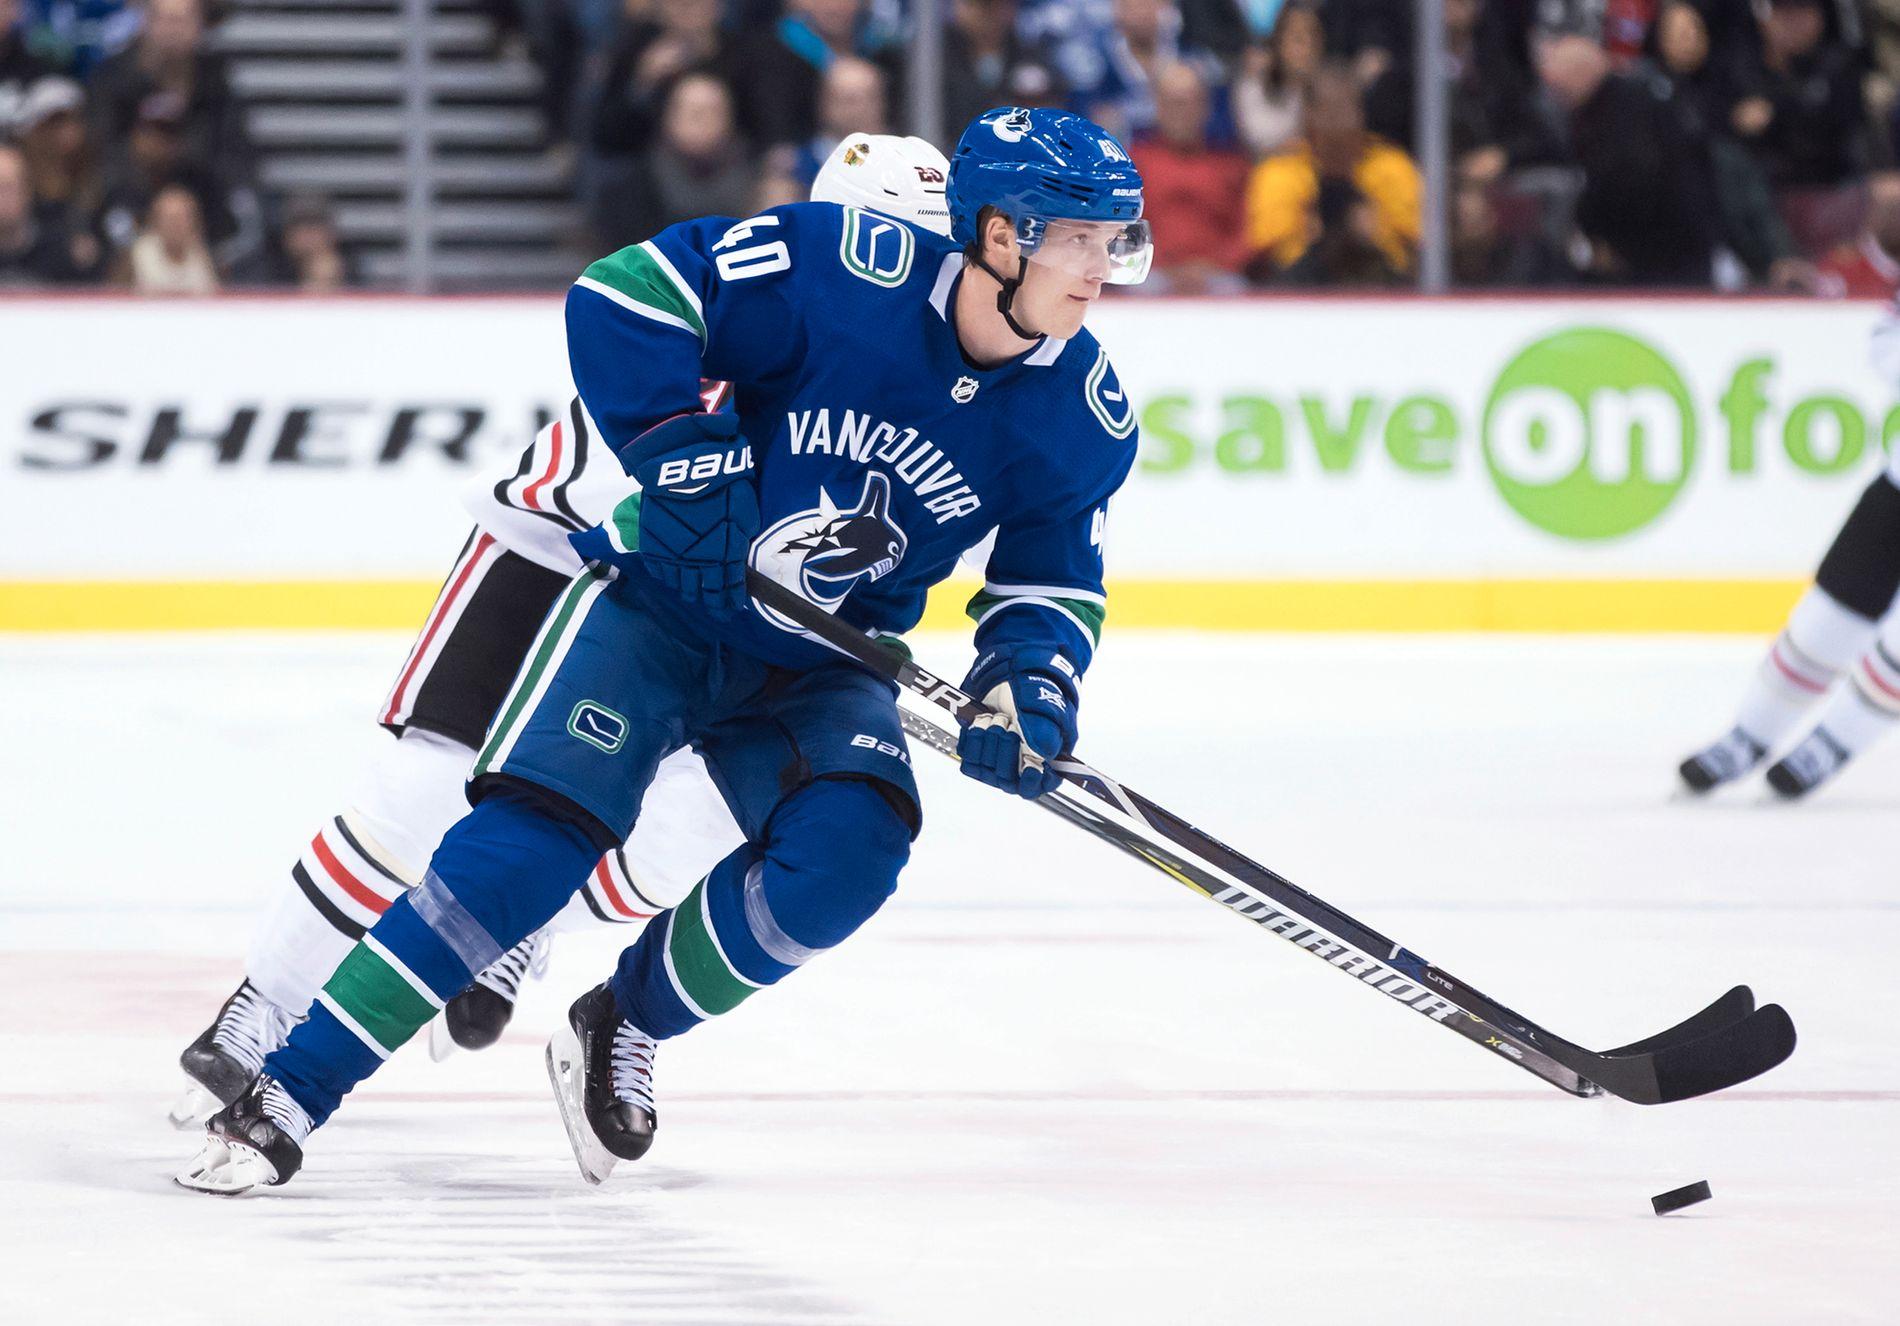 STJERNE: Kun 20 år gammel har Elias Pettersson virkelig begynt å dominere i NHL.